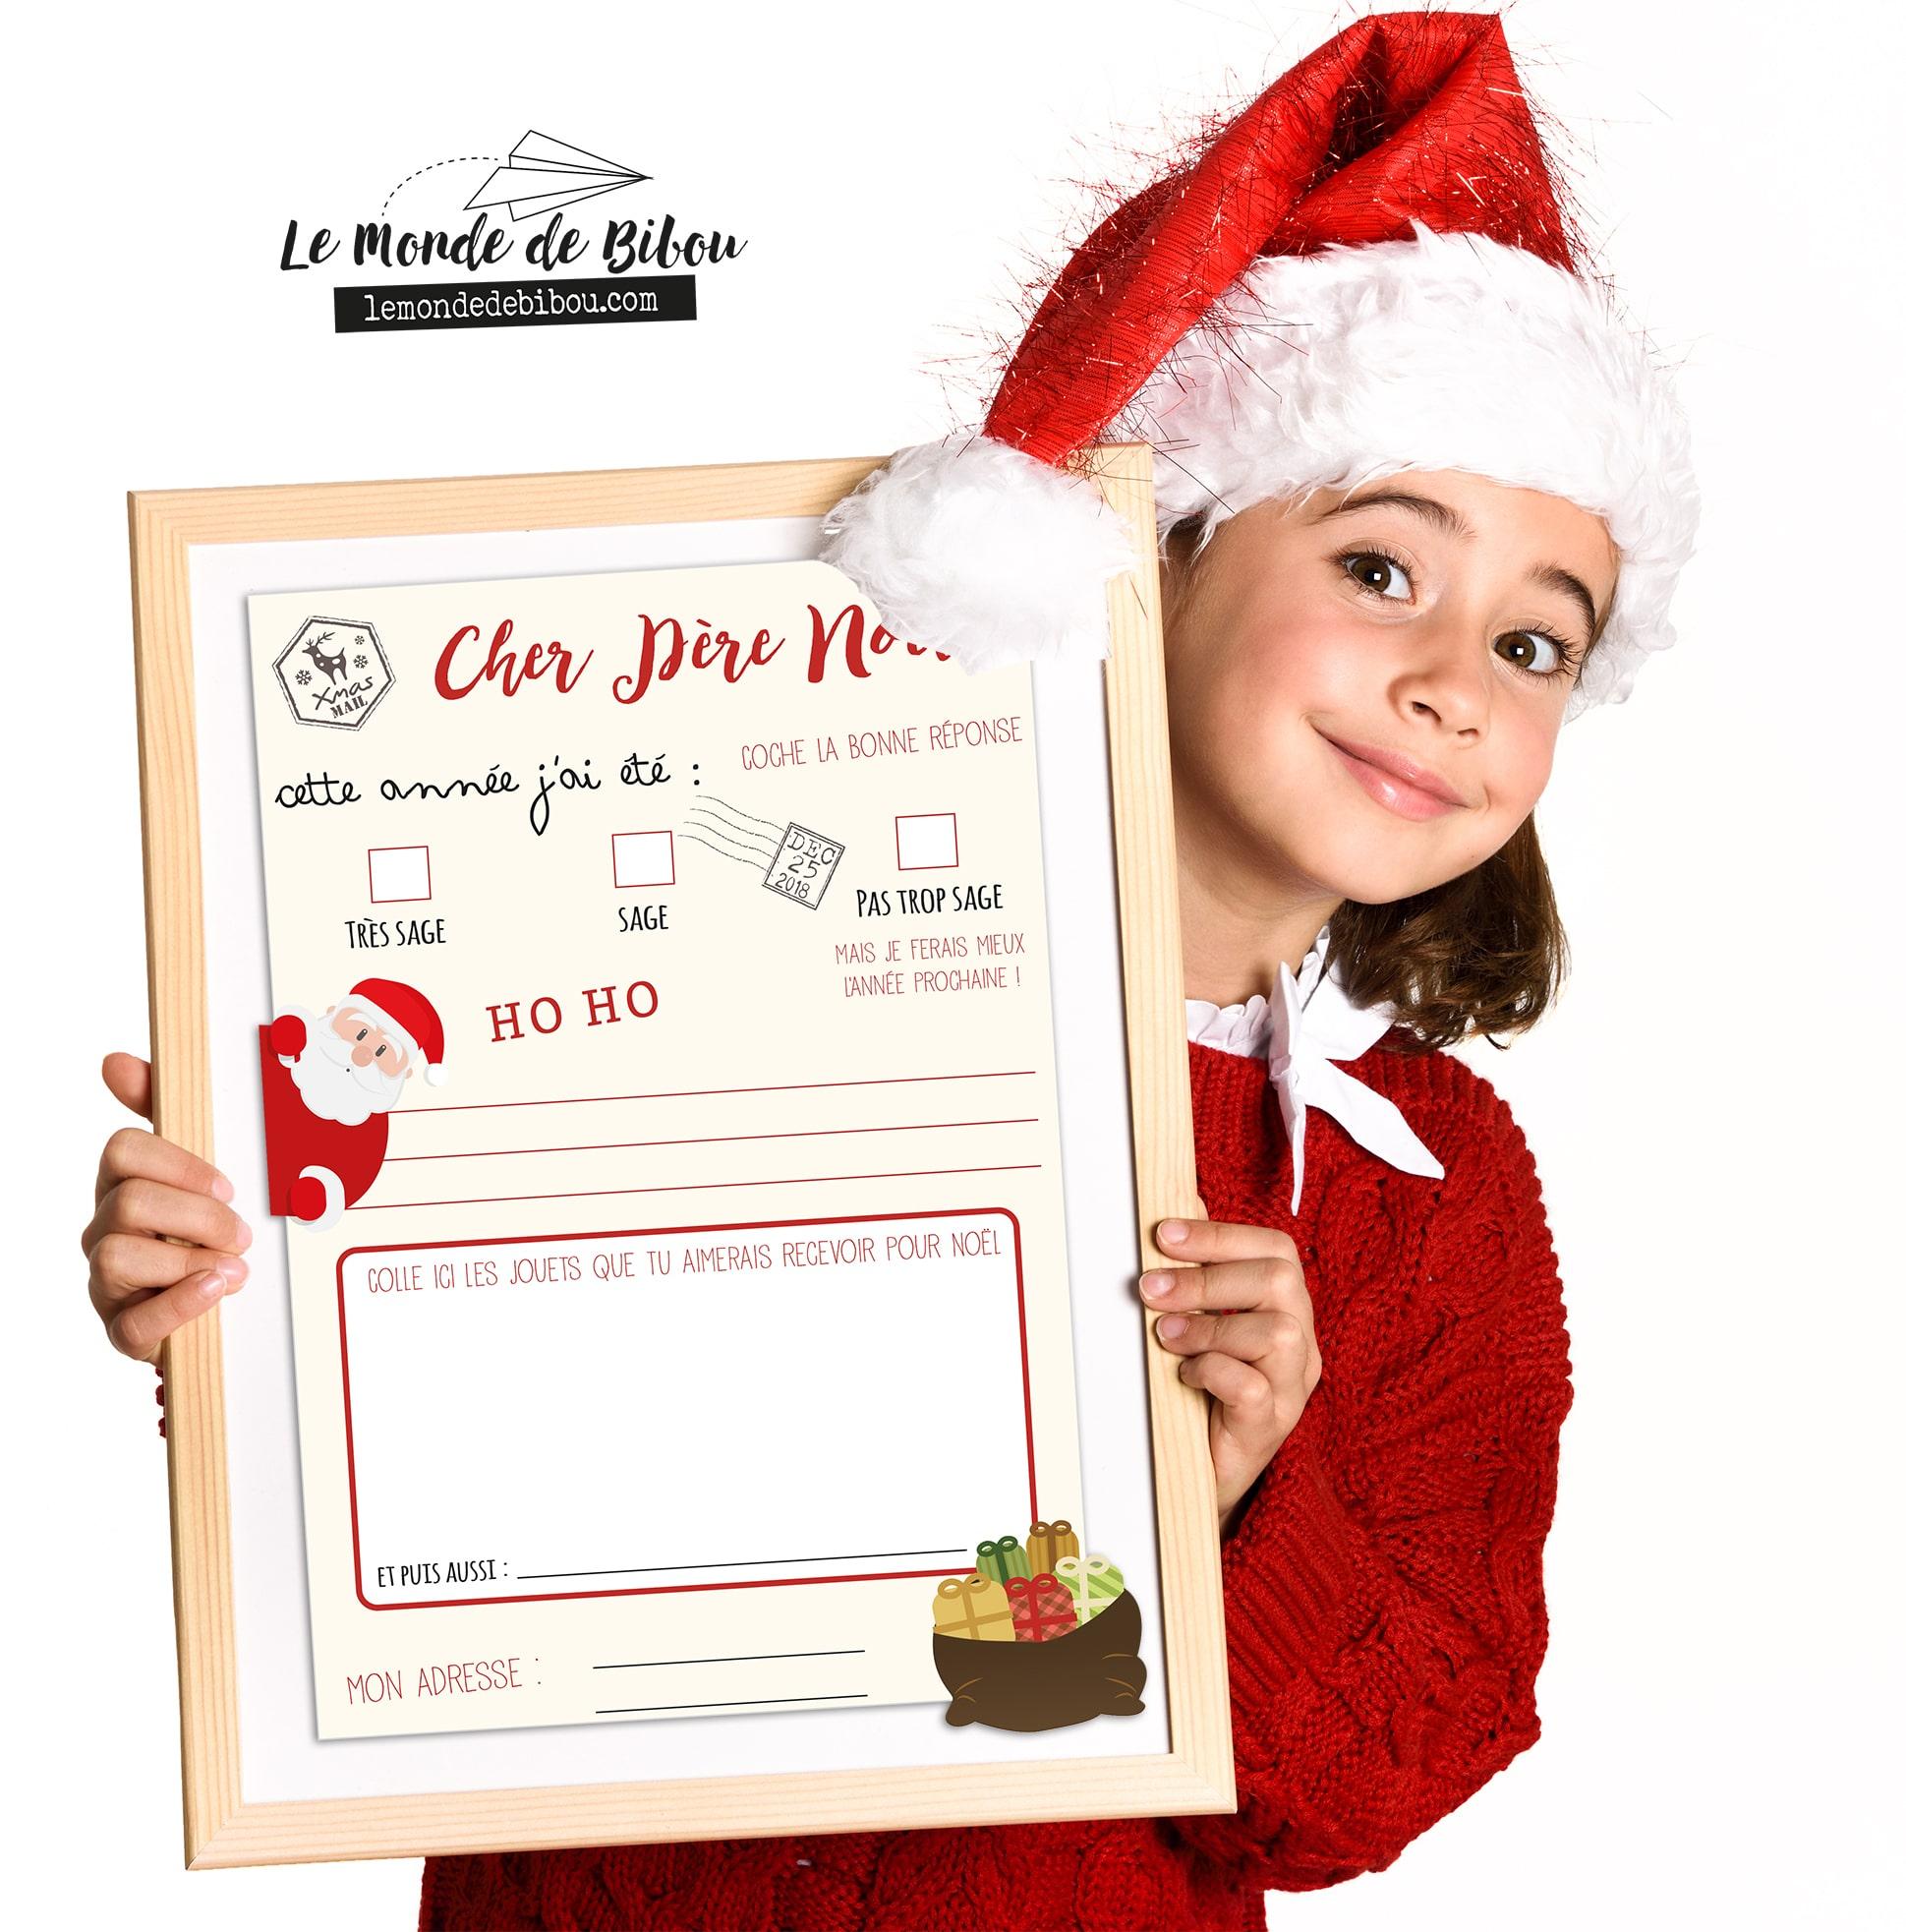 Lettre Au Père Noël À Imprimer Avec Son Enveloppe Prête À dedans Liste Pere Noel Imprimer